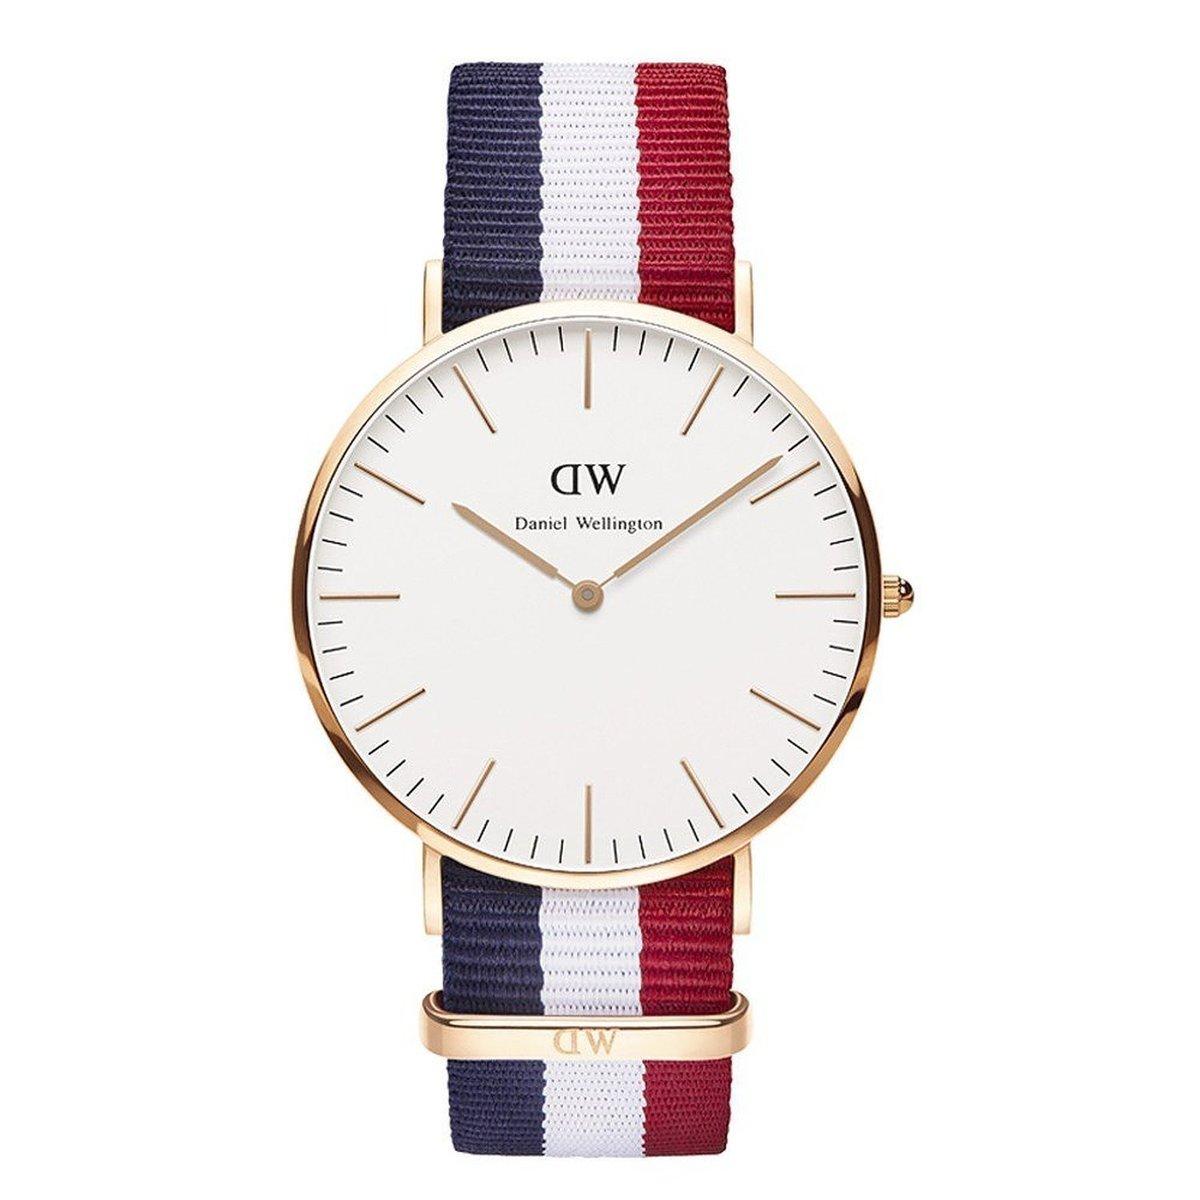 【1年保証付】ダニエルウェリントン 腕時計 Daniel Wellington 時計 40mm 0103DW RoseGold×Cambridge メンズ [並行輸入品]